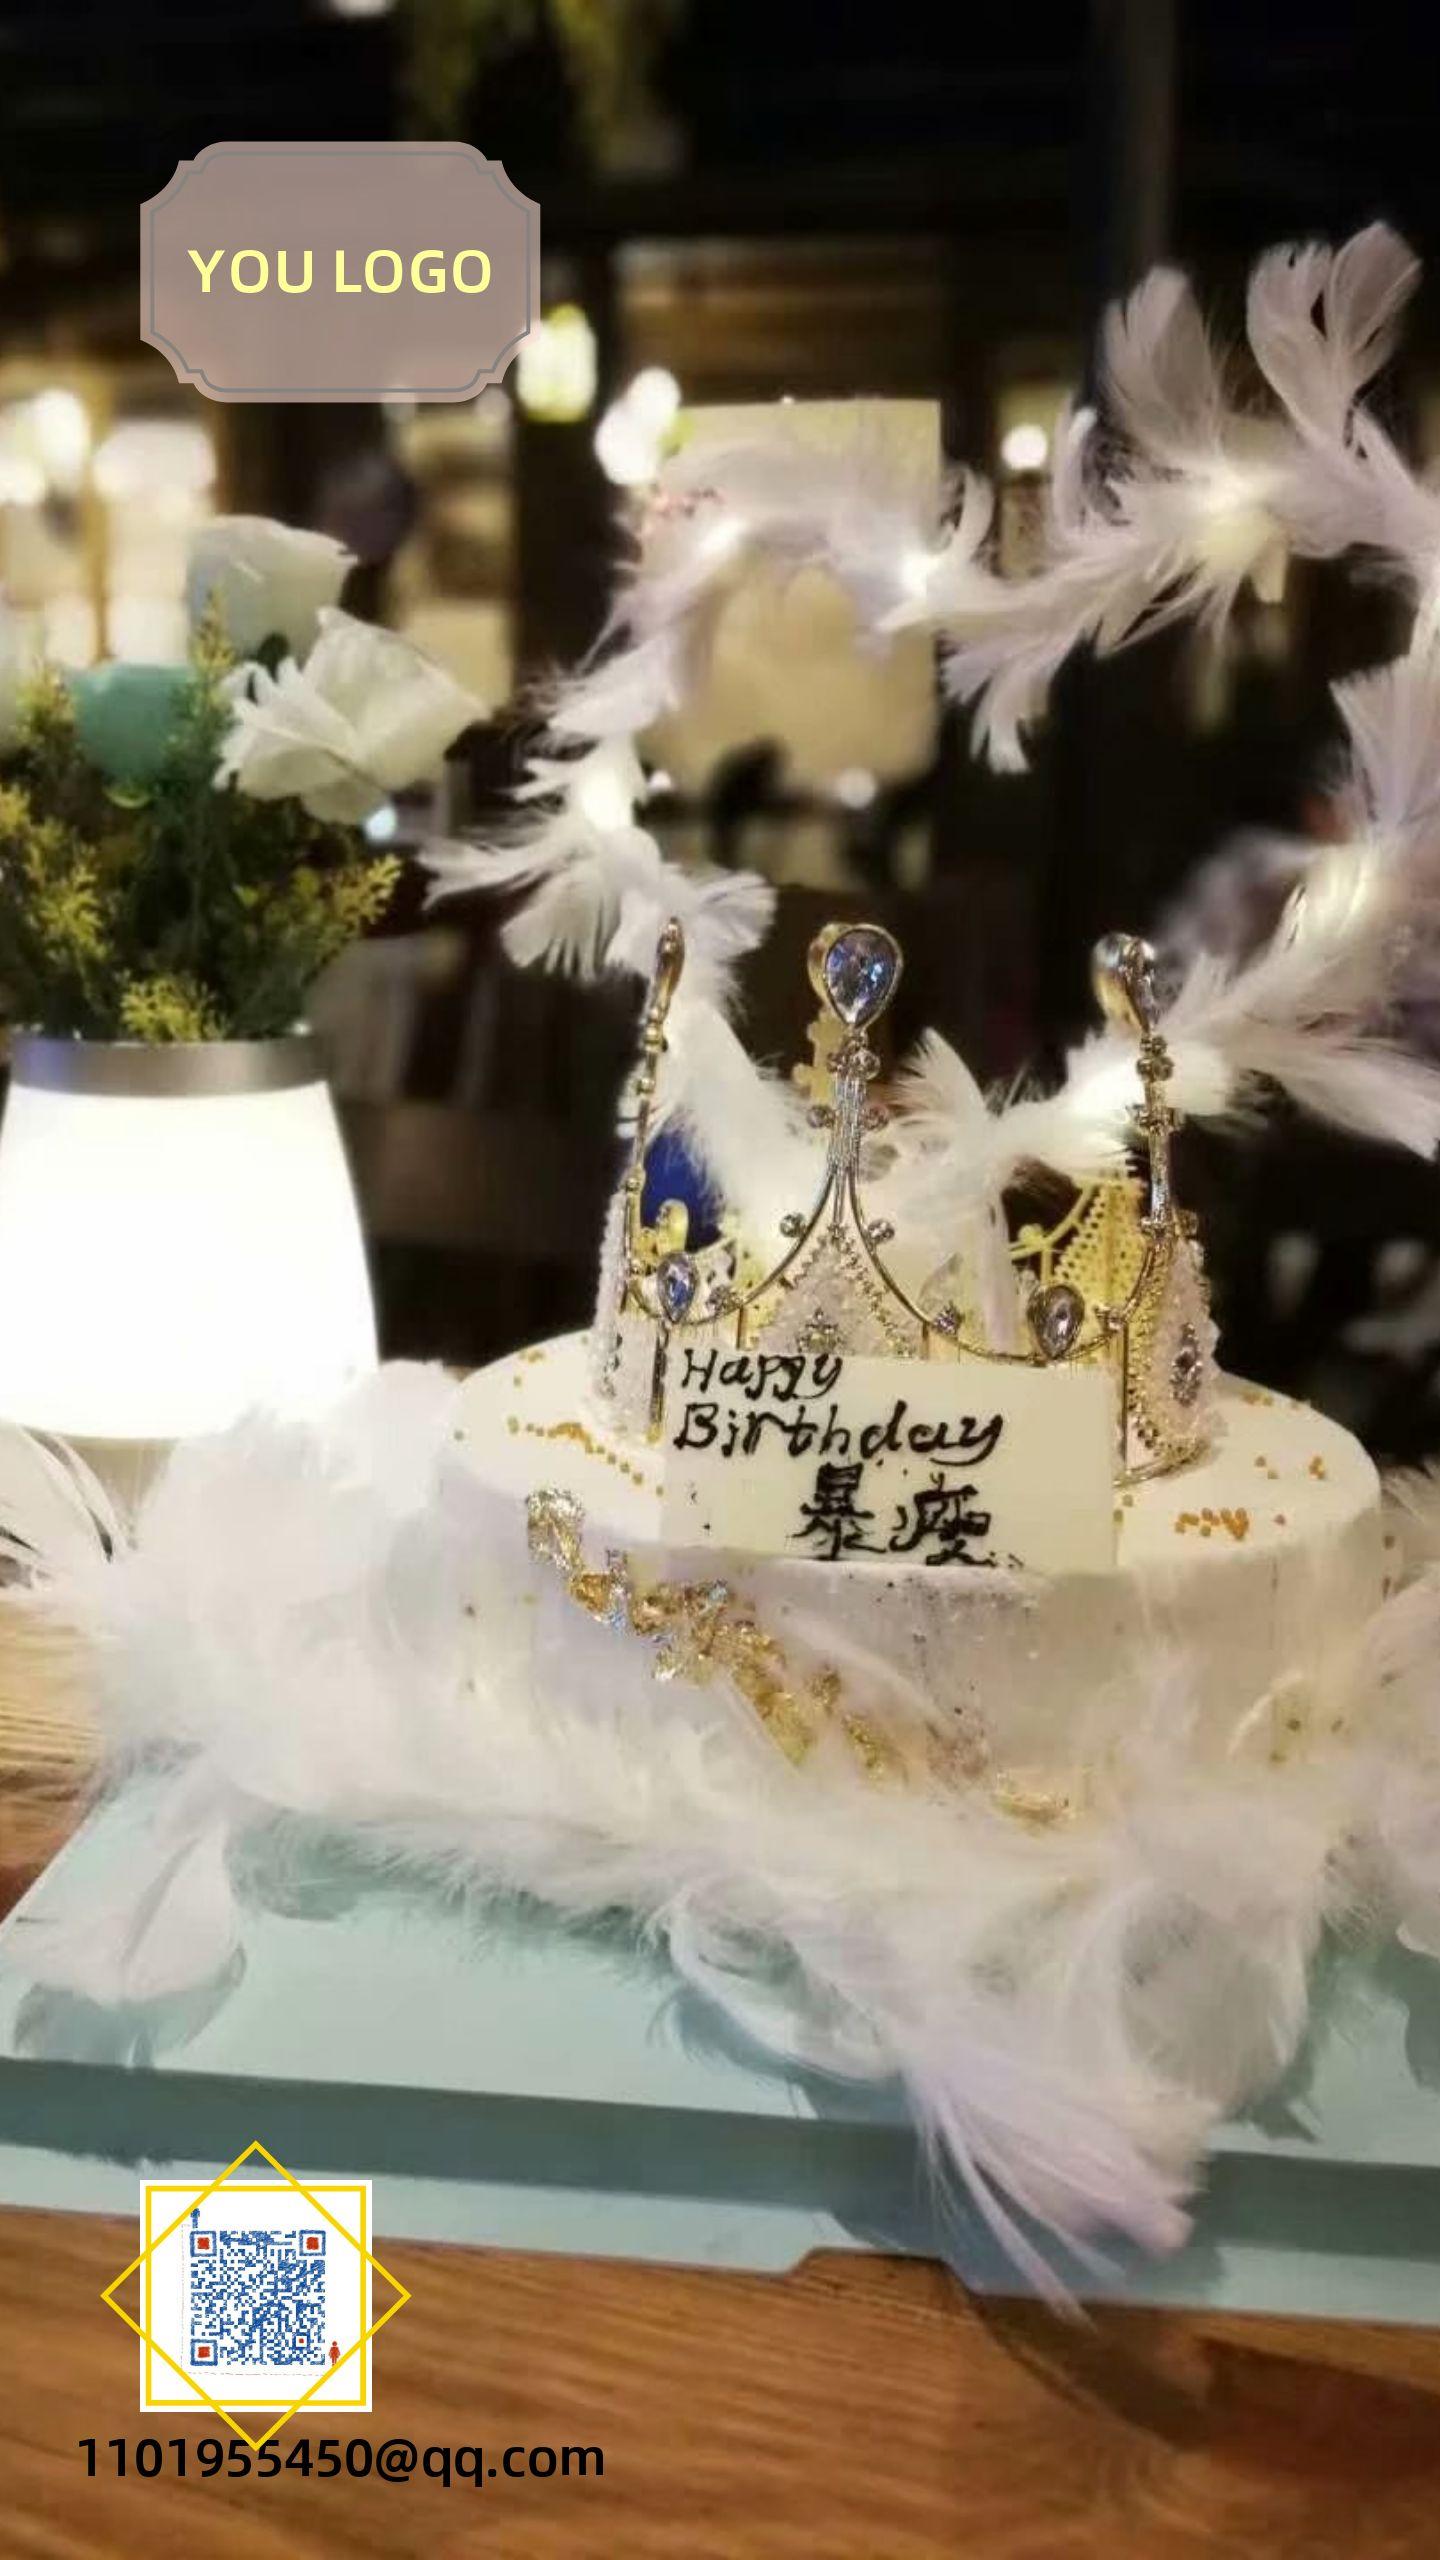 生日蛋糕暴富暴瘦欧式韩式文艺女王祝福海报羽毛爱心